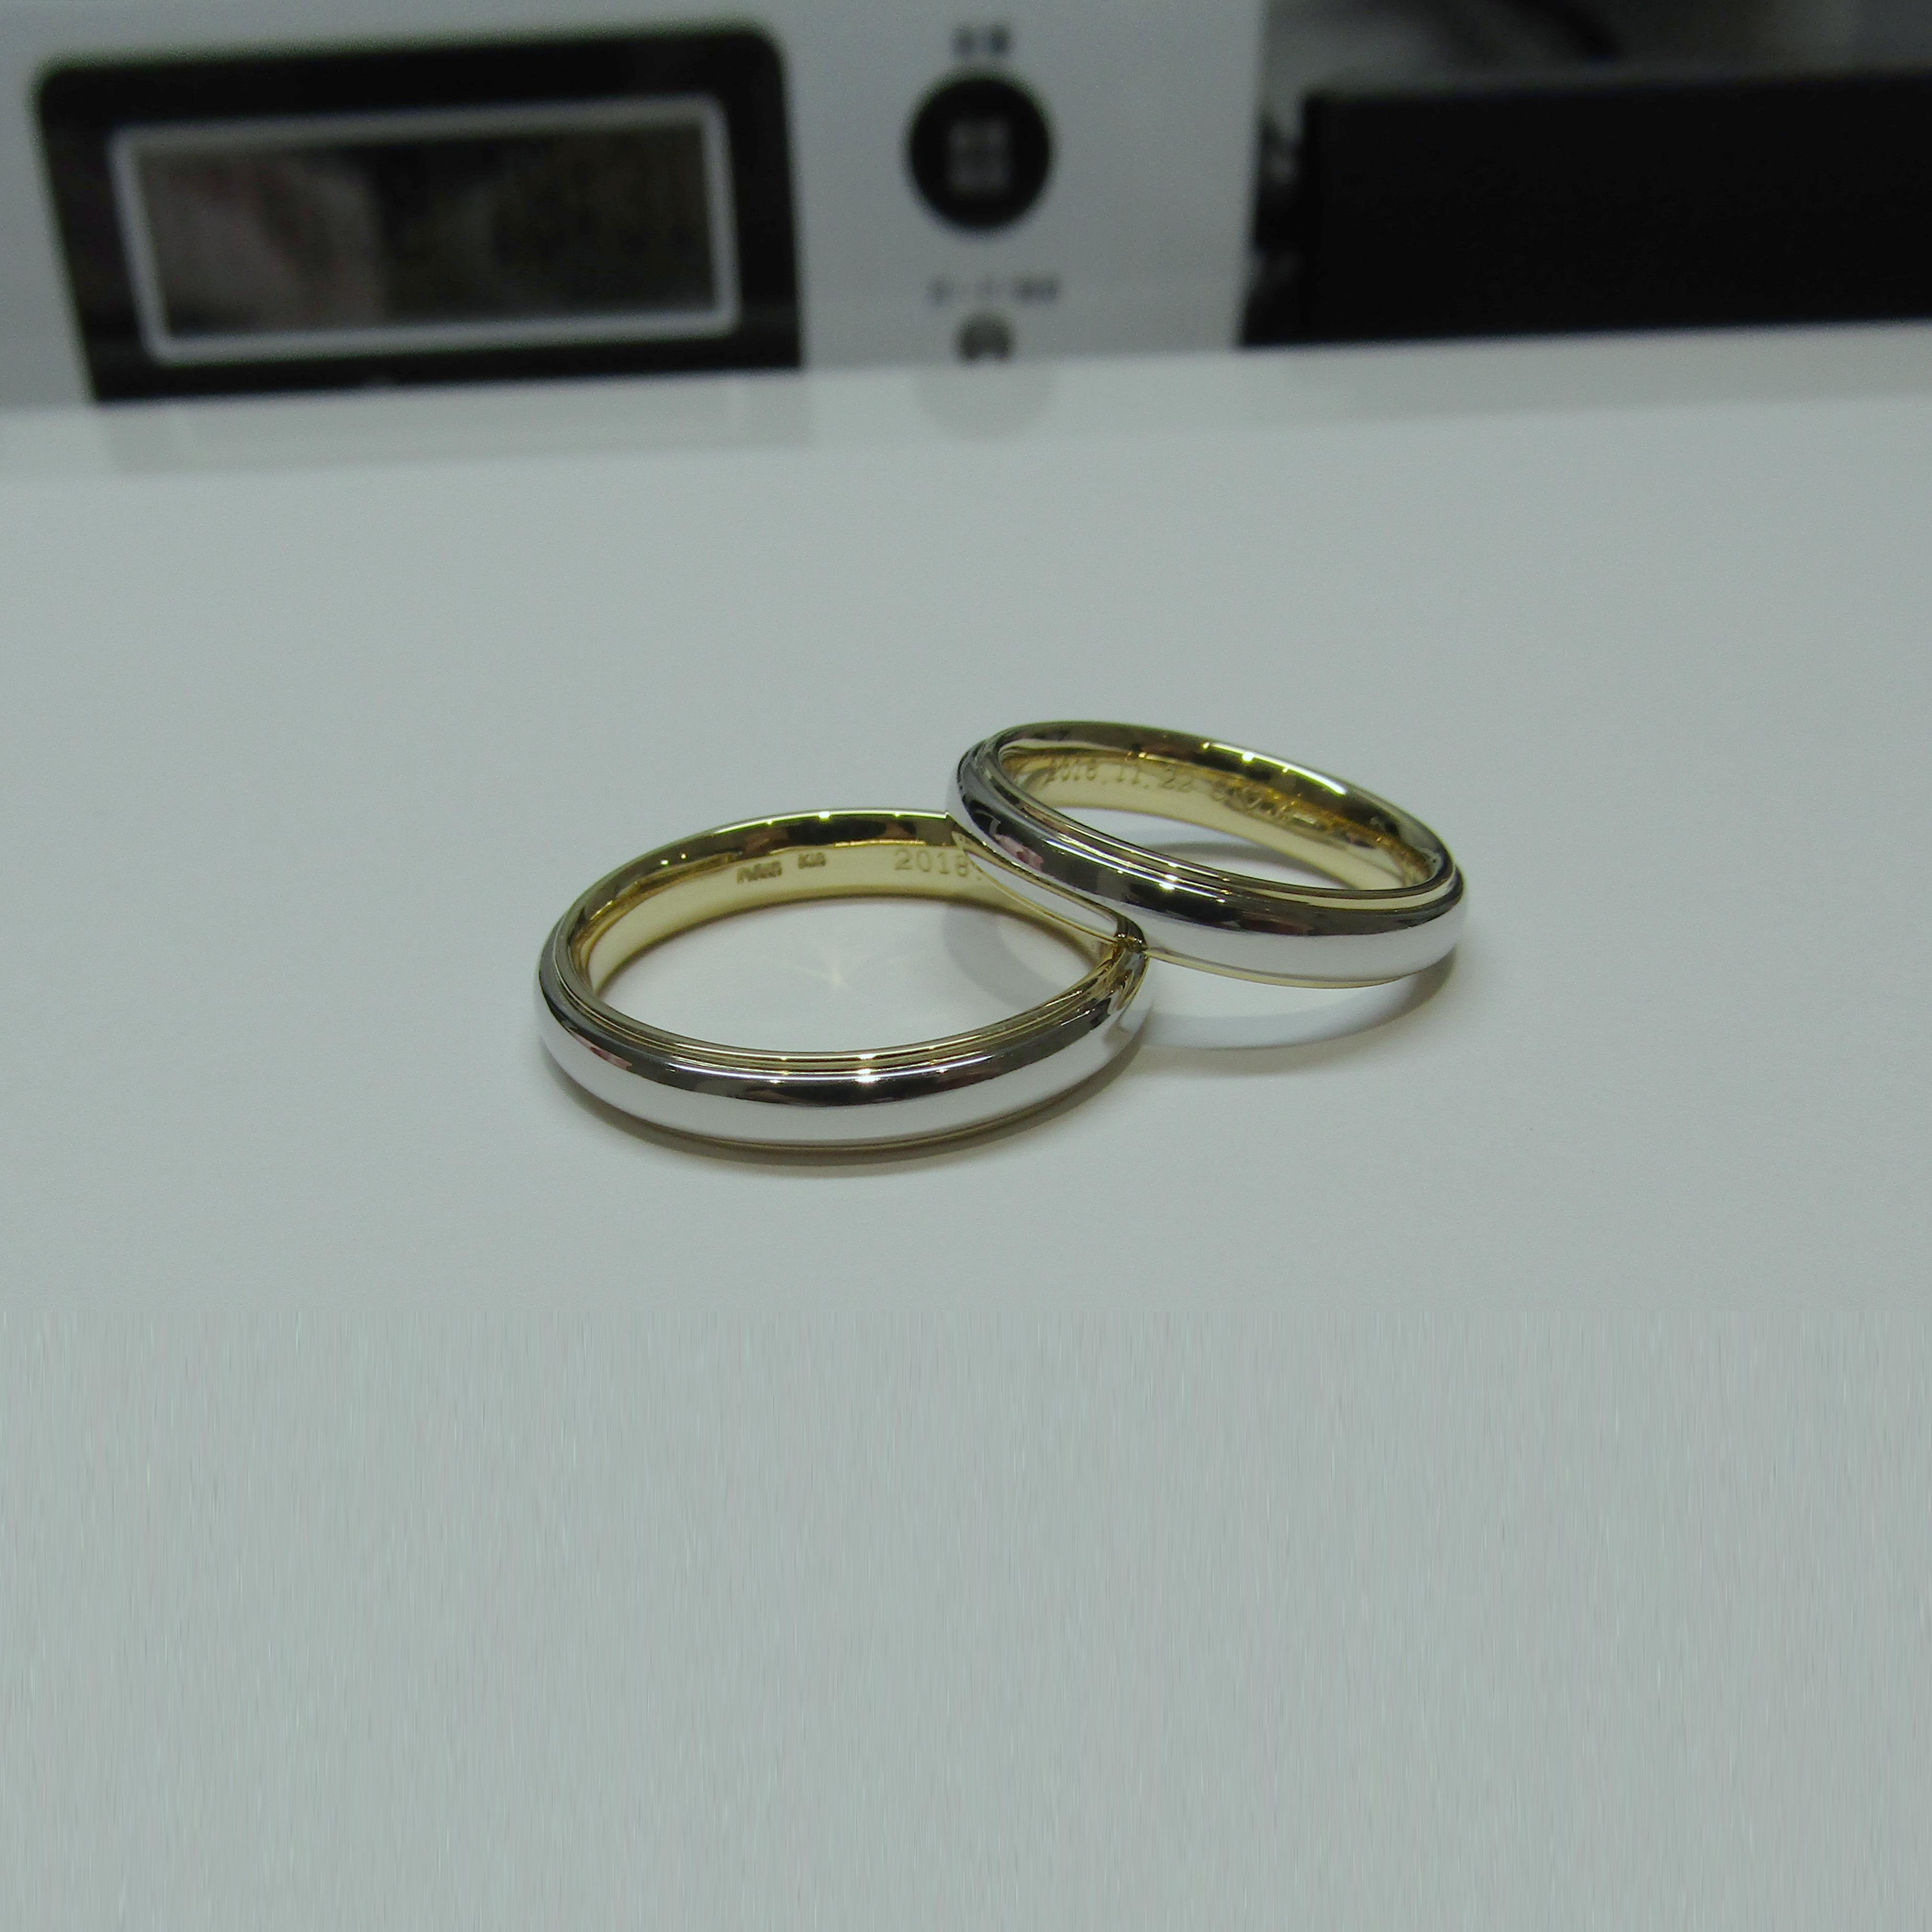 >プラチナとゴールドが重なったオリジナルデザインの結婚指輪